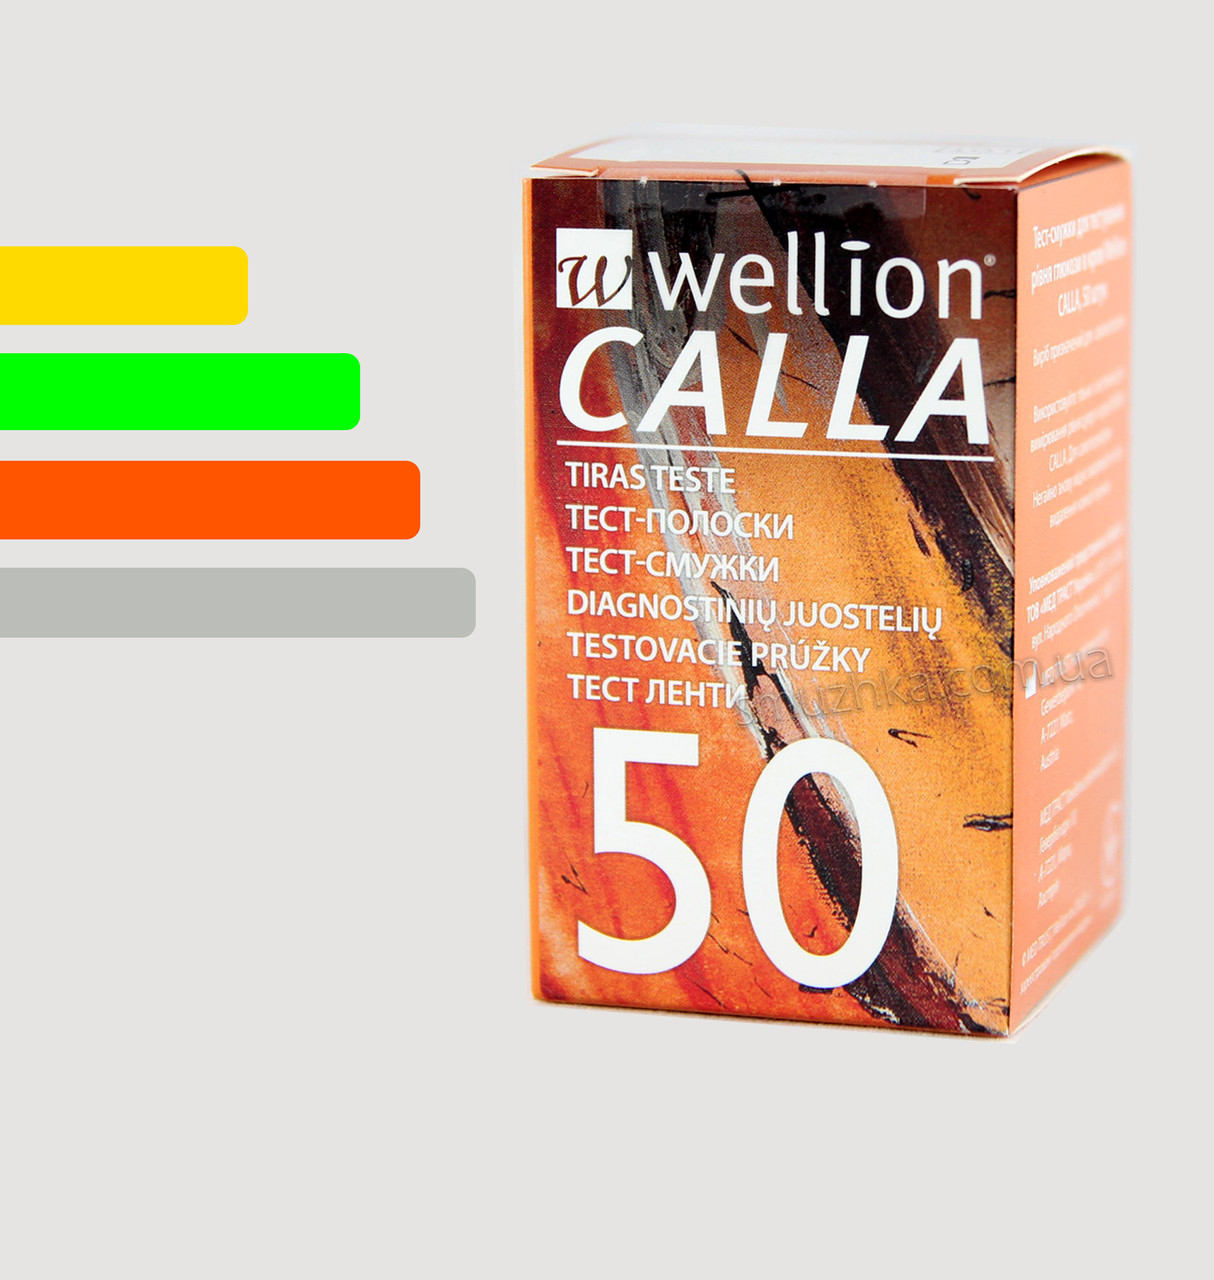 Тест-полоски Wellion CALLA #50, Веллион Калла